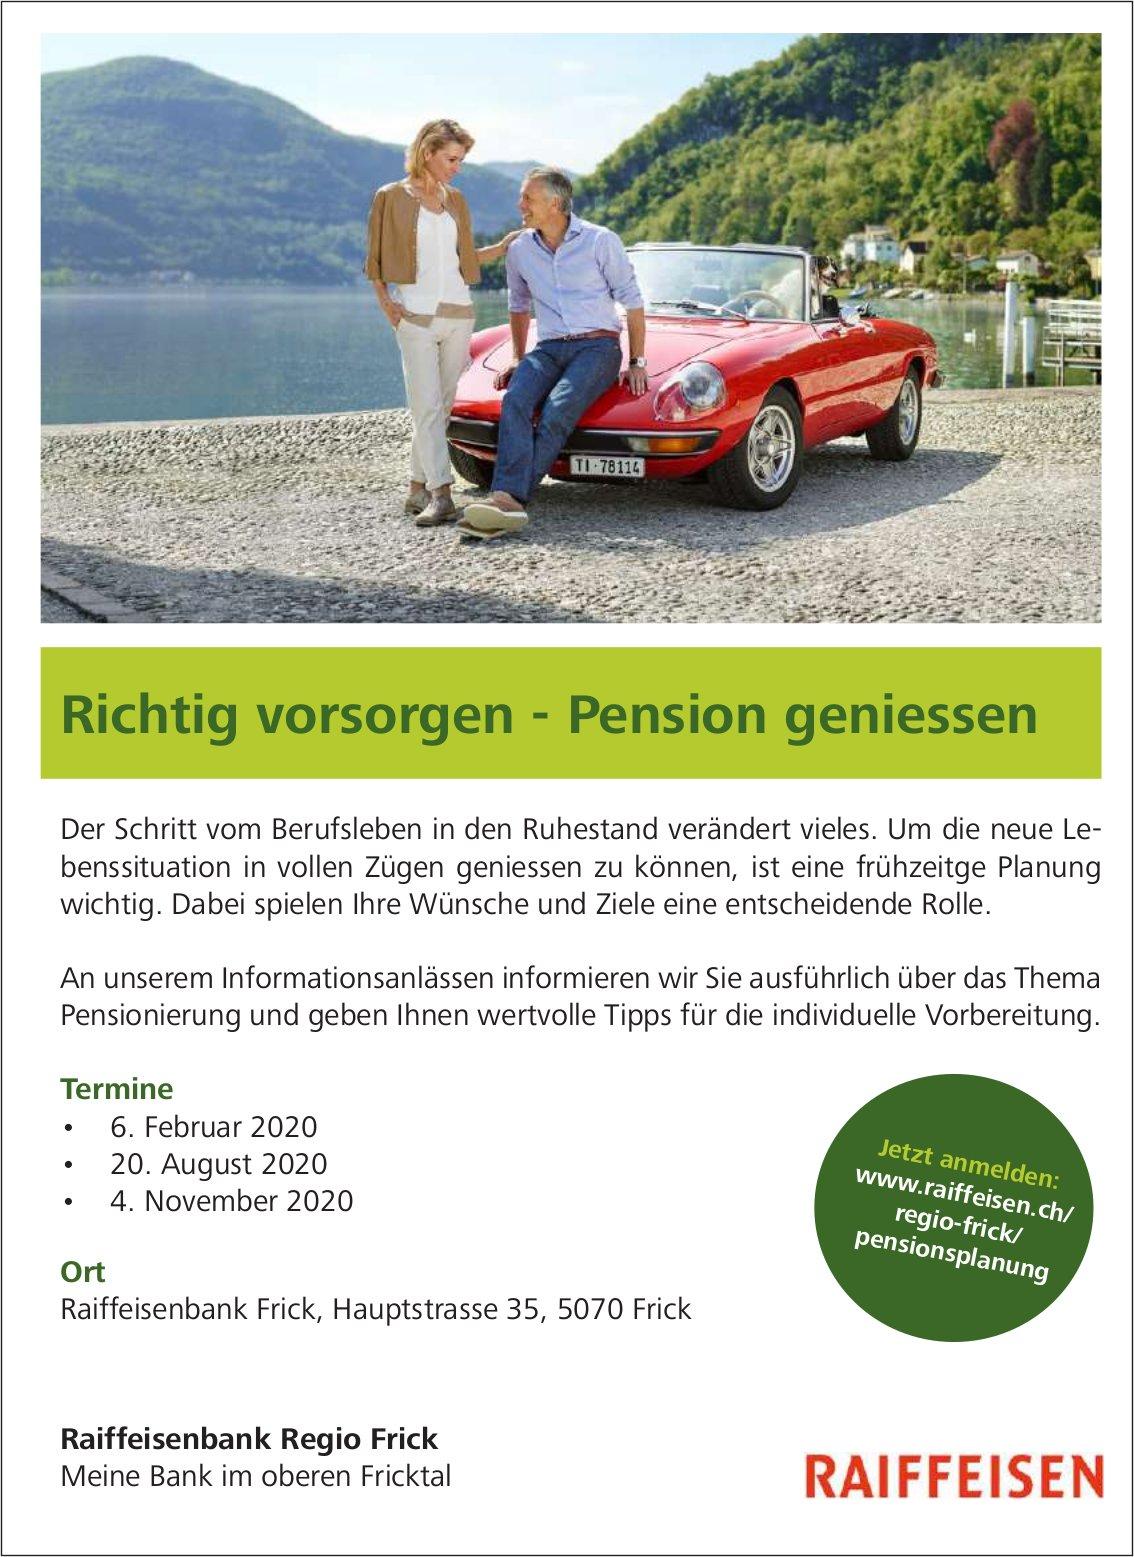 Raiffeisenbank Regio Frick - Richtig vorsorgen - Pension geniessen: Informationsanlässen